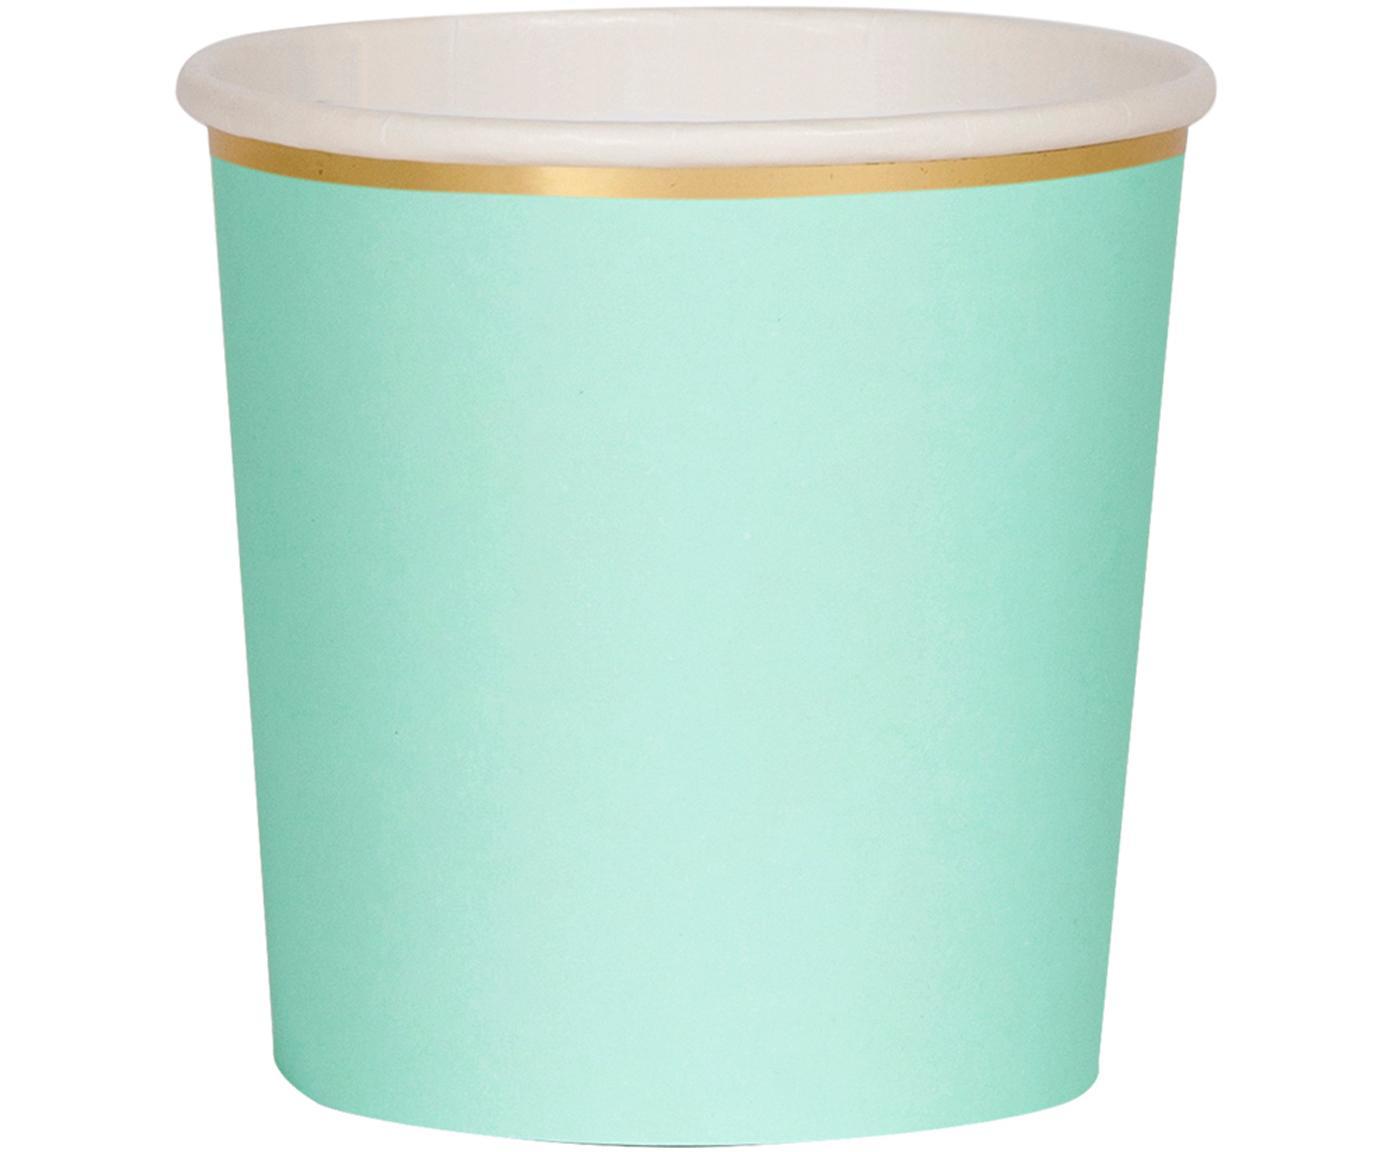 Kubek z papieru Simply Eco, 8 szt., Papier, foliowany, Zielony miętowy, Ø 8 x W 8 cm